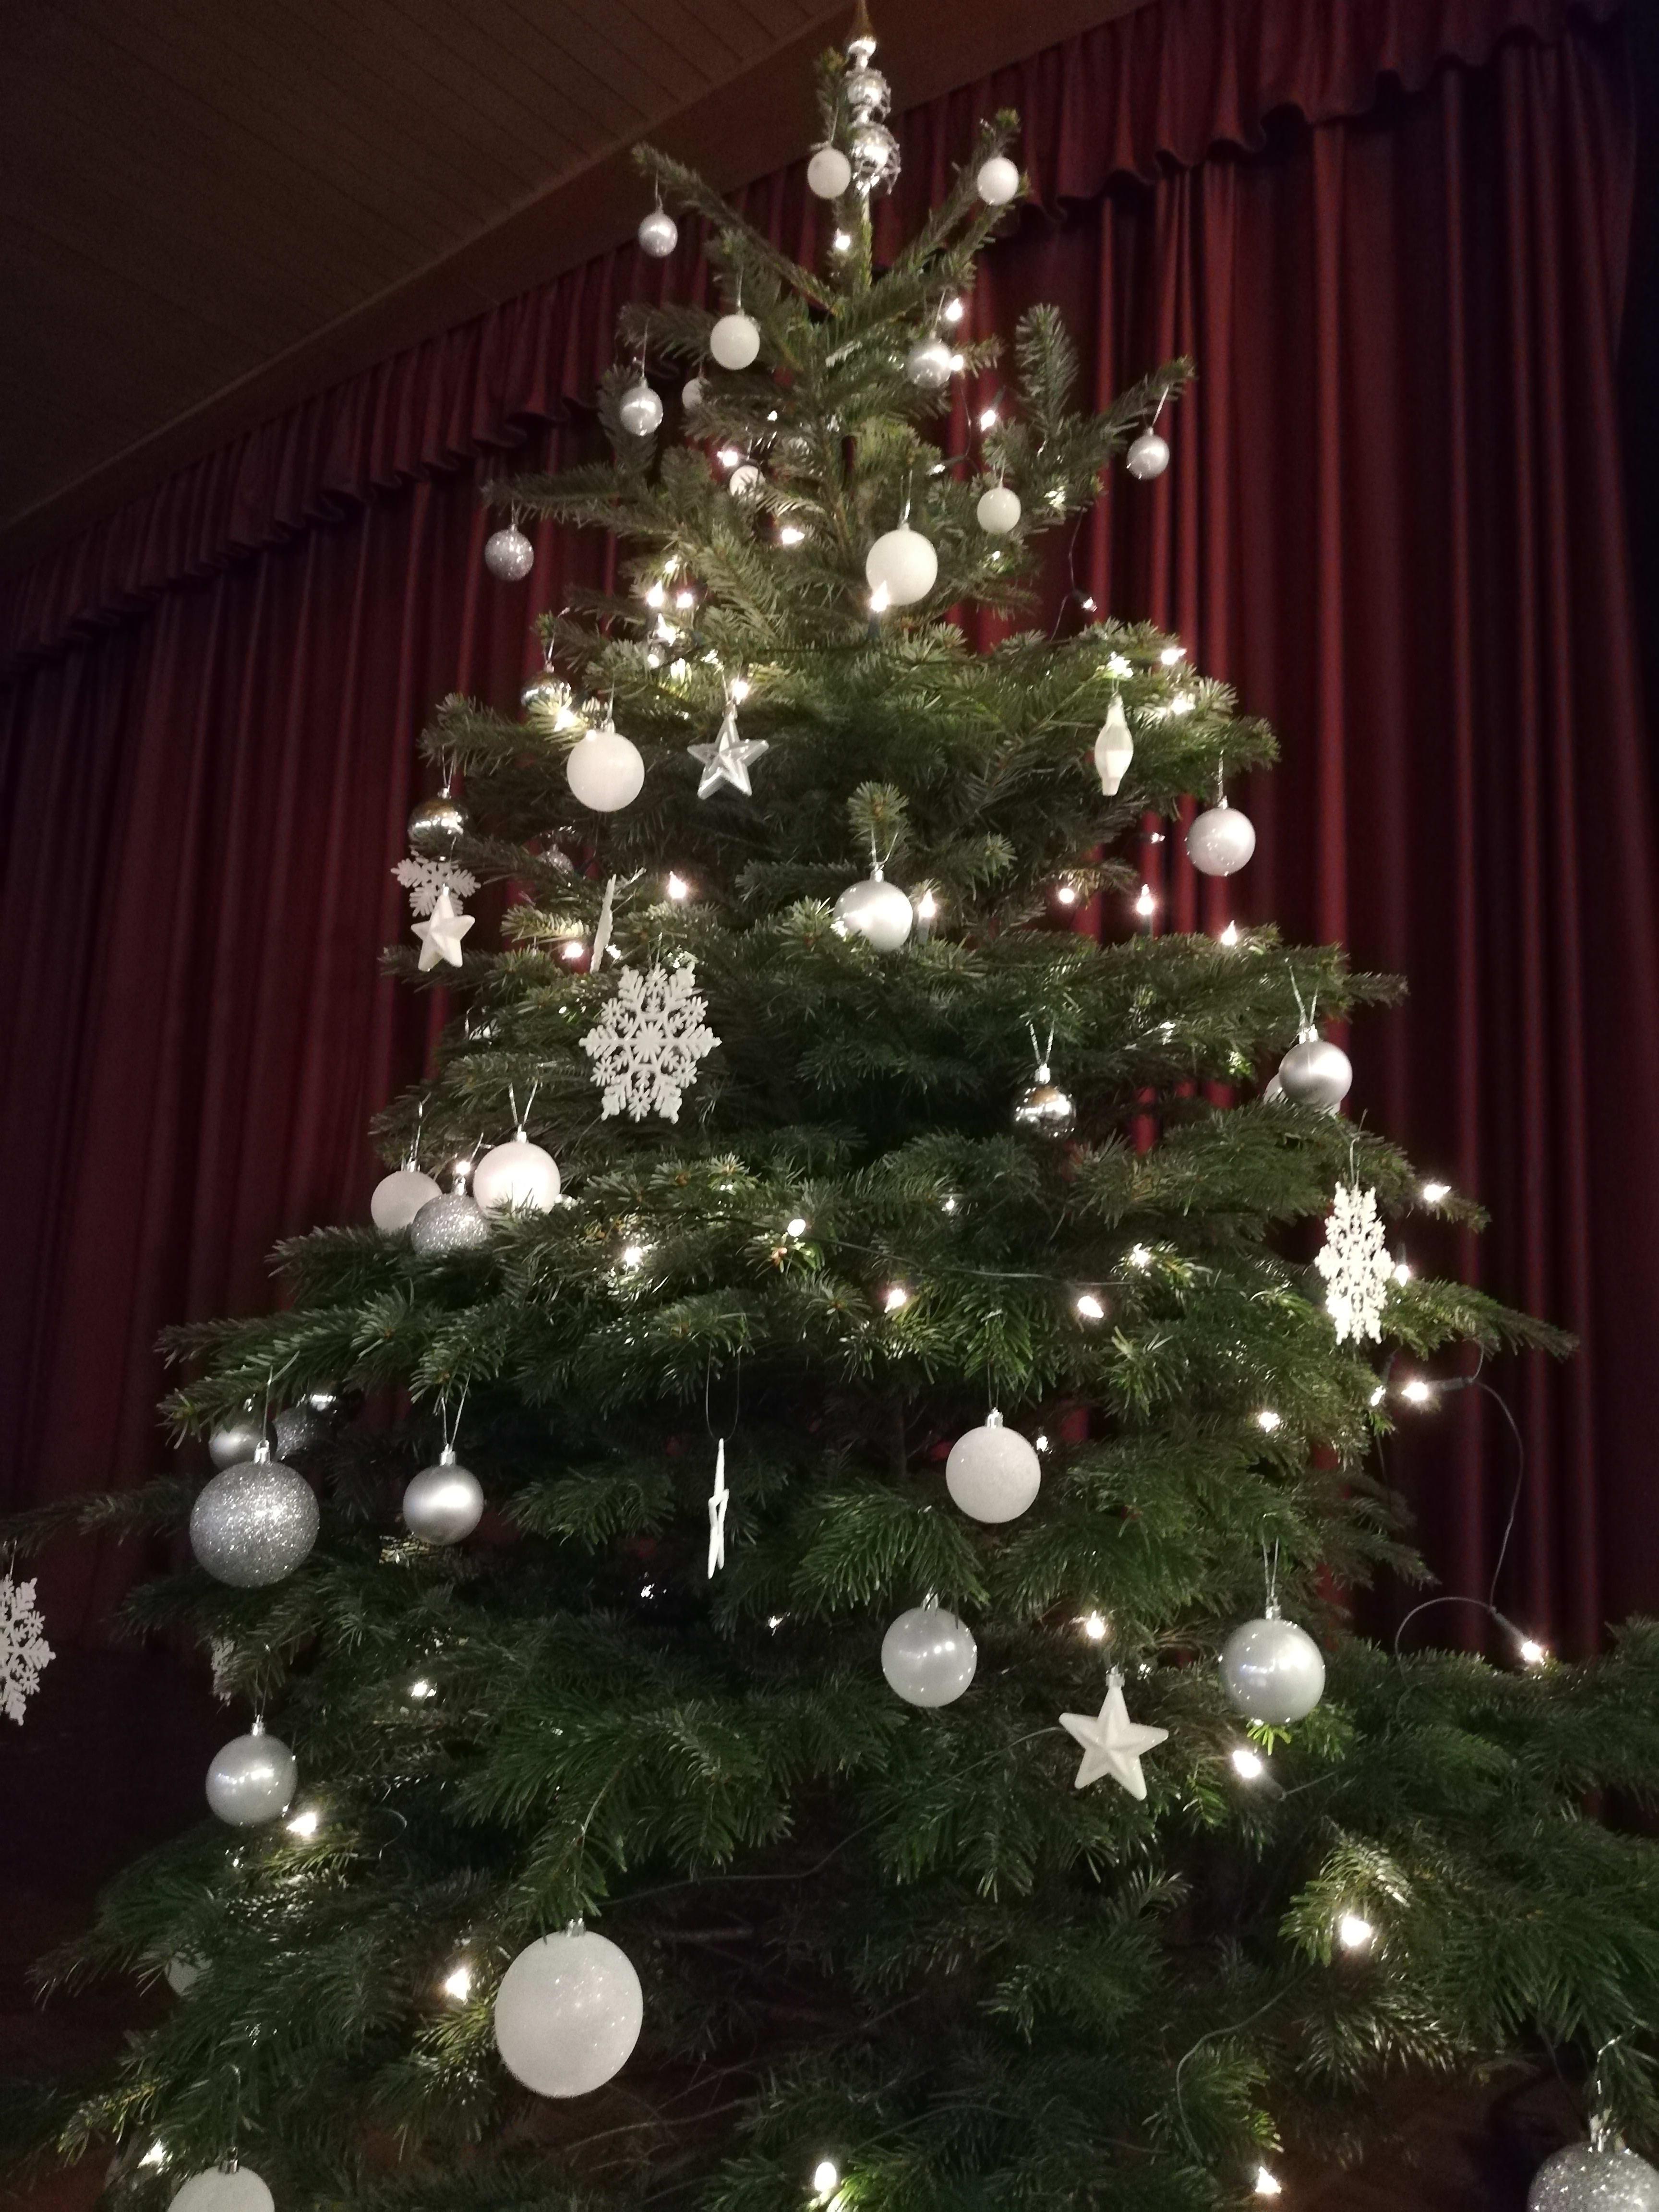 2020-12-22-advents-und-weihnachtszeit-im-kolpinghaus-01